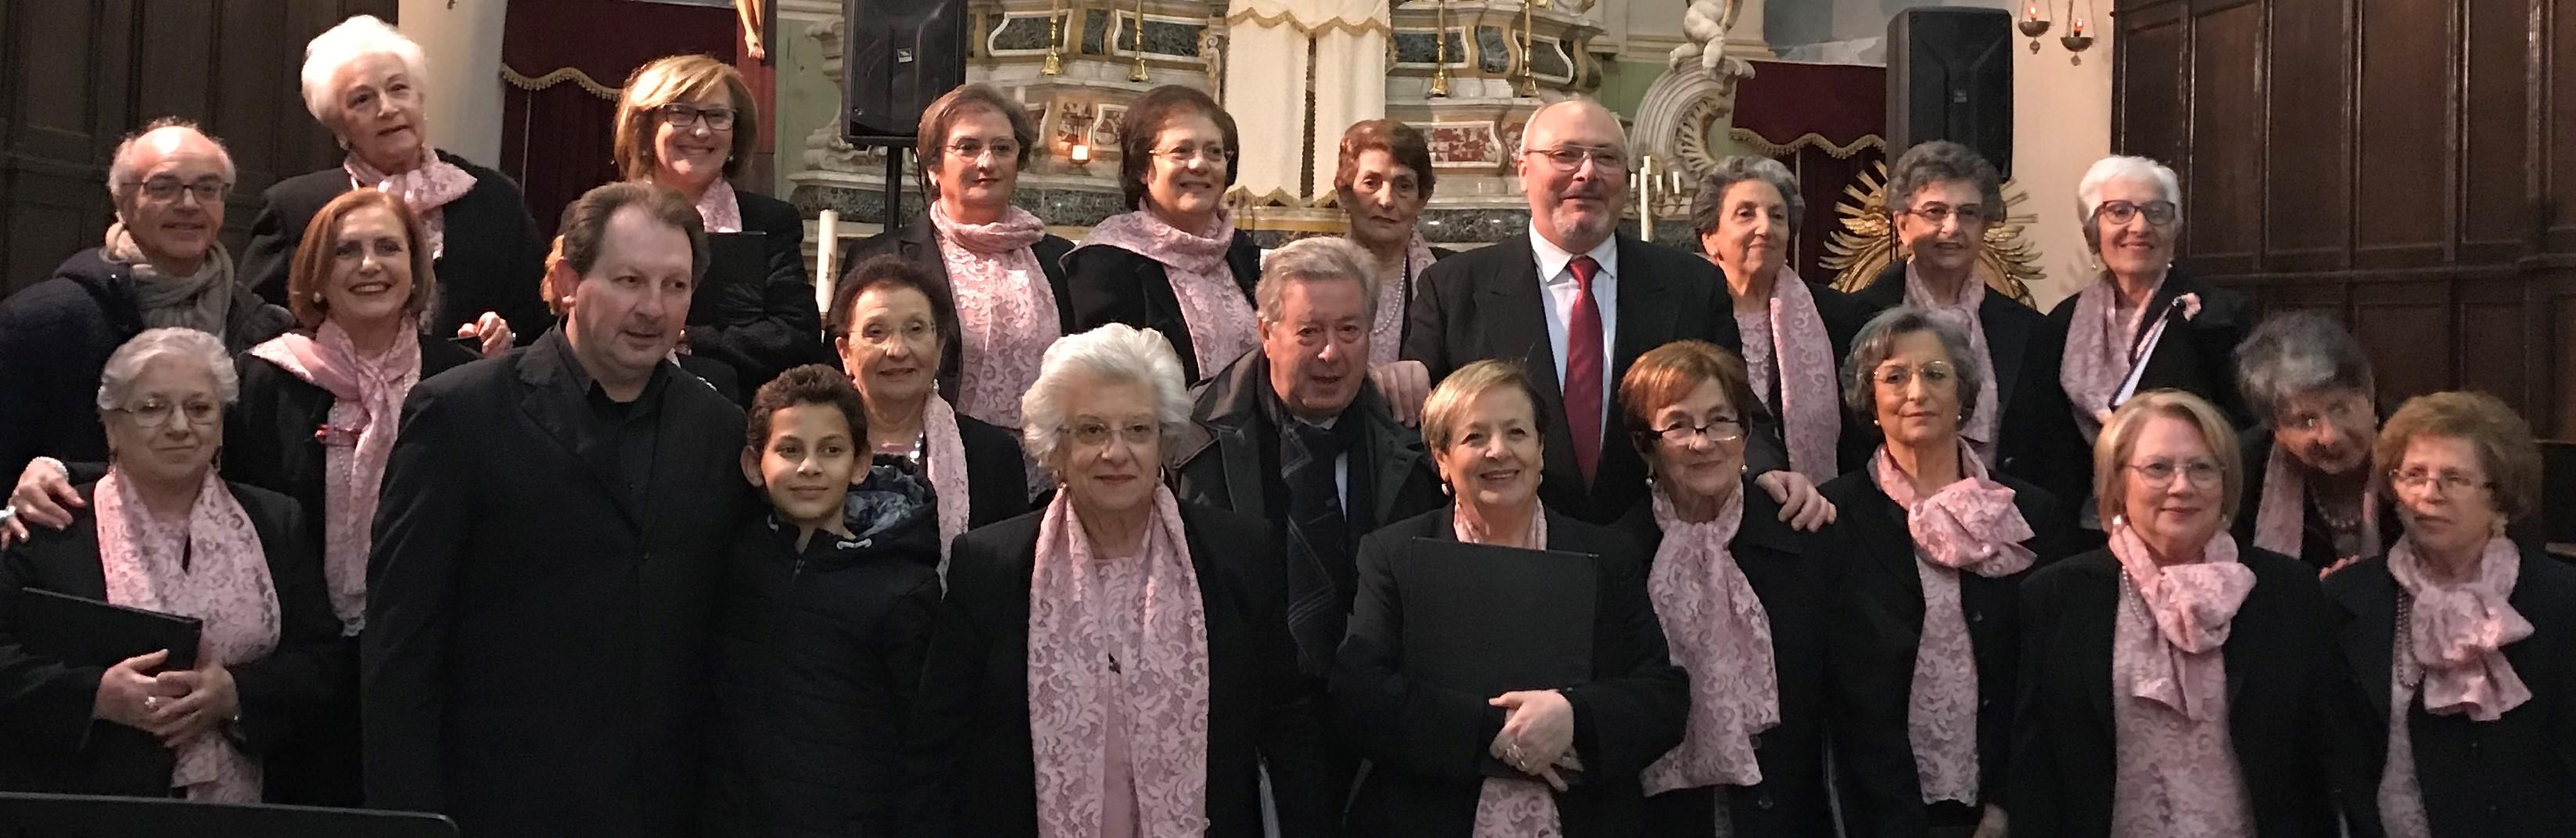 Modica, successo a San Domenico per il concerto del coro dell'Unitre